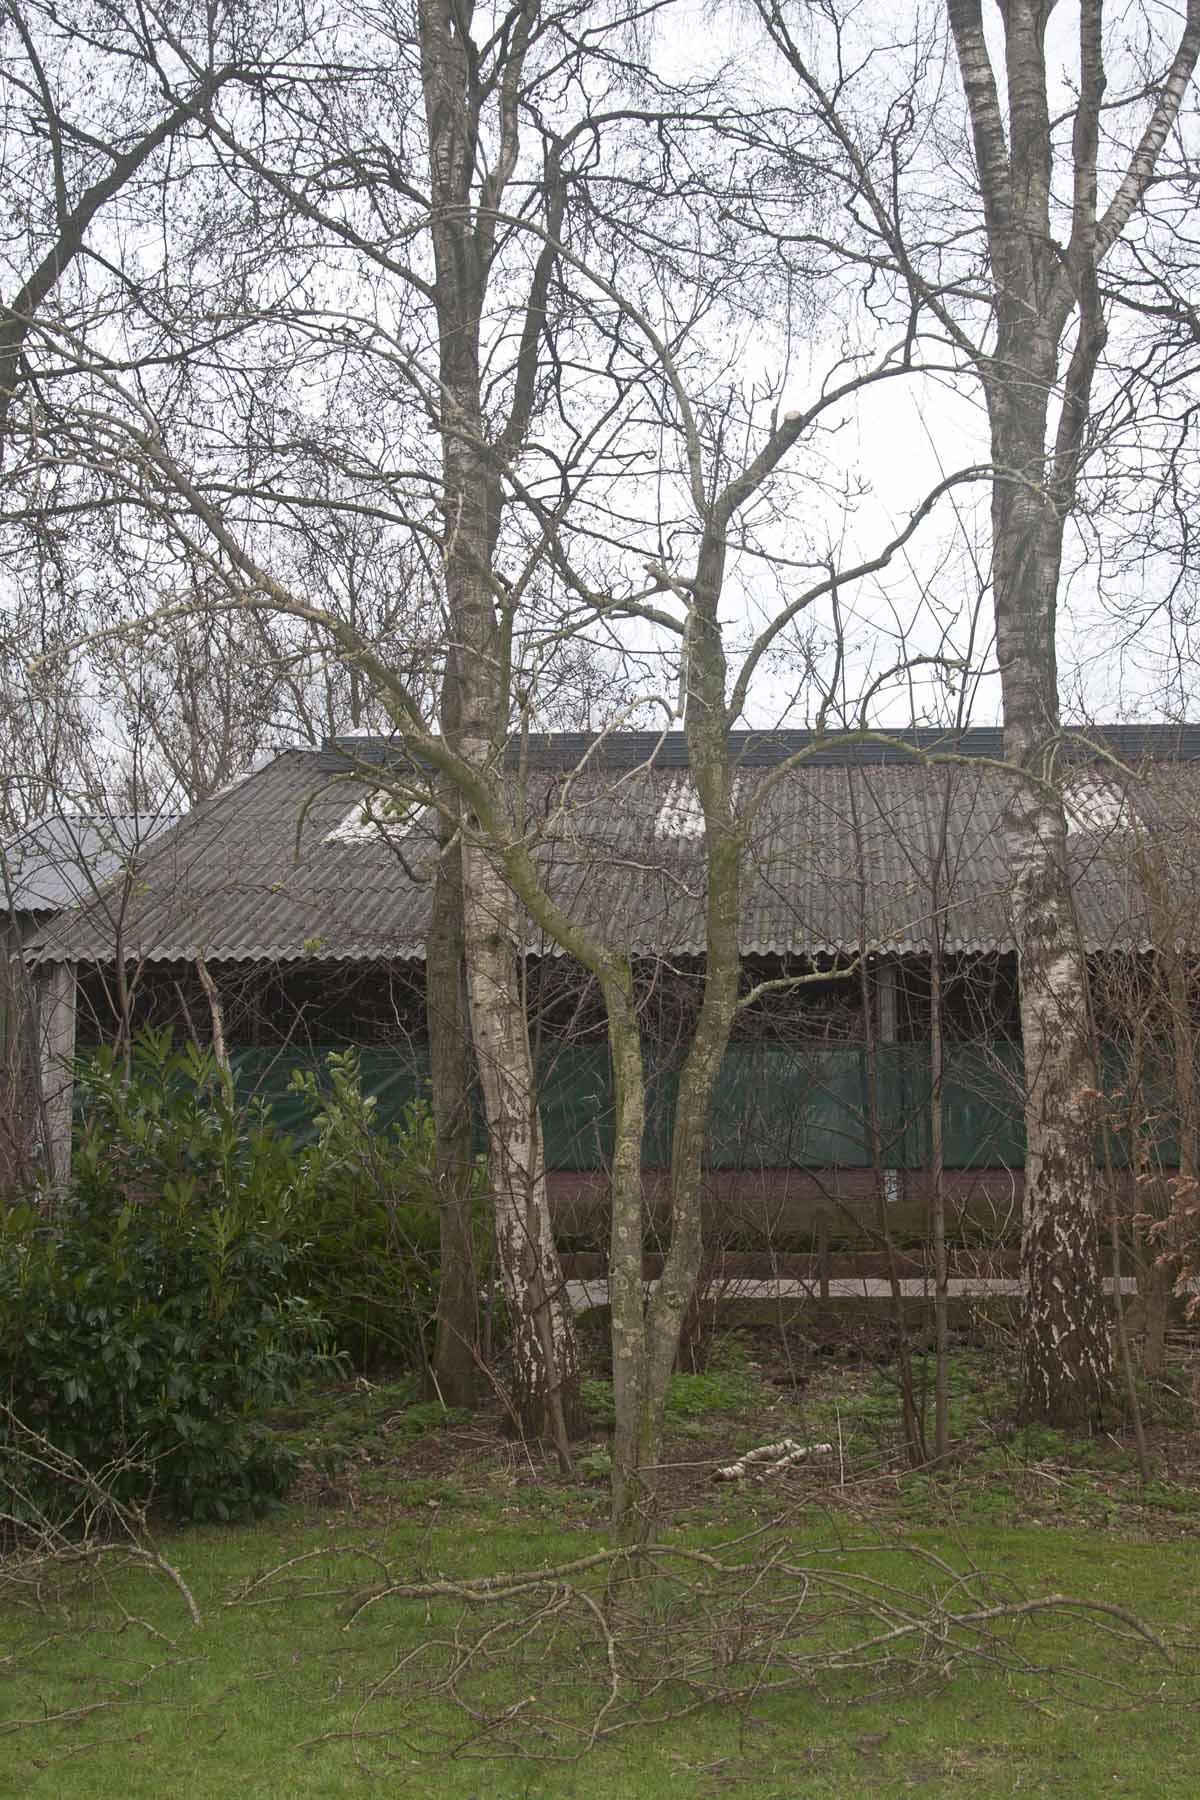 2016 02 06 HSB Wanneperveen 6054